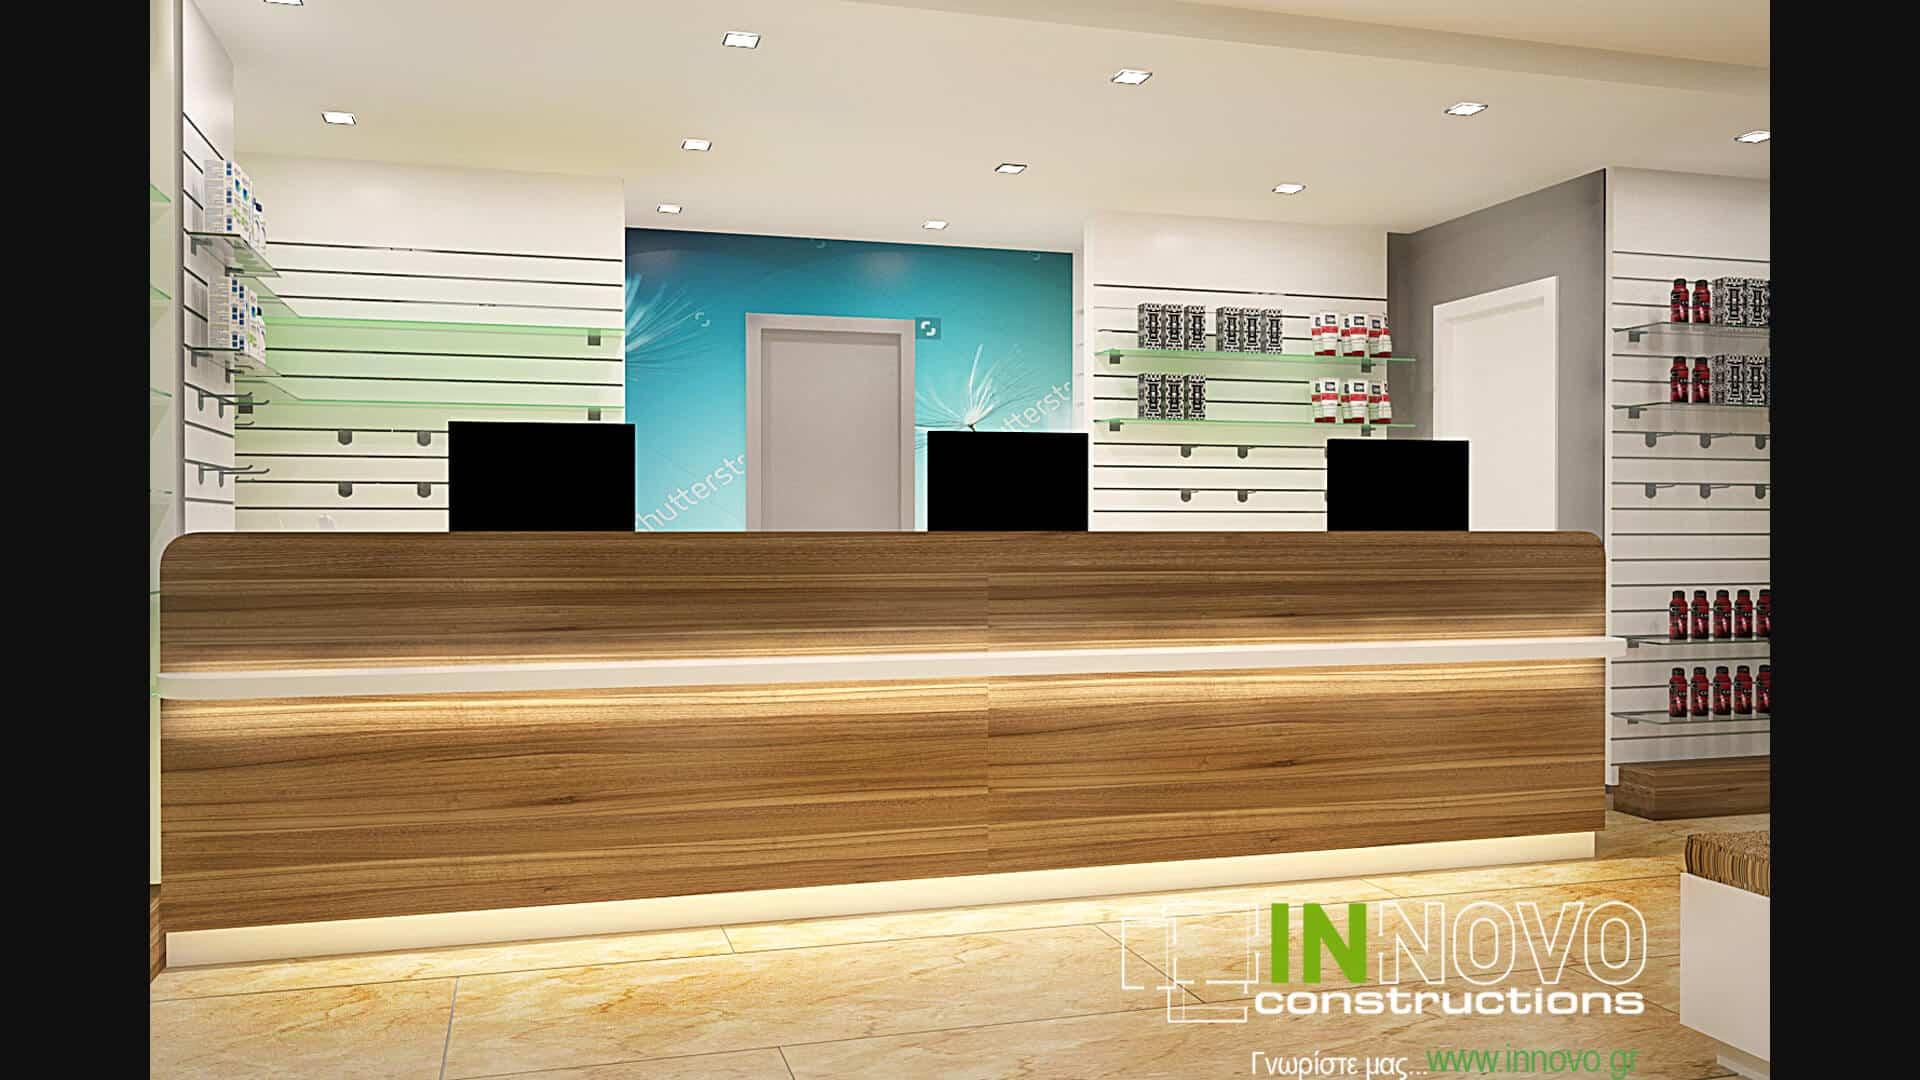 Κατασκευή φαρμακείου στο Νέο Ηράκλειοαπό την Innovo